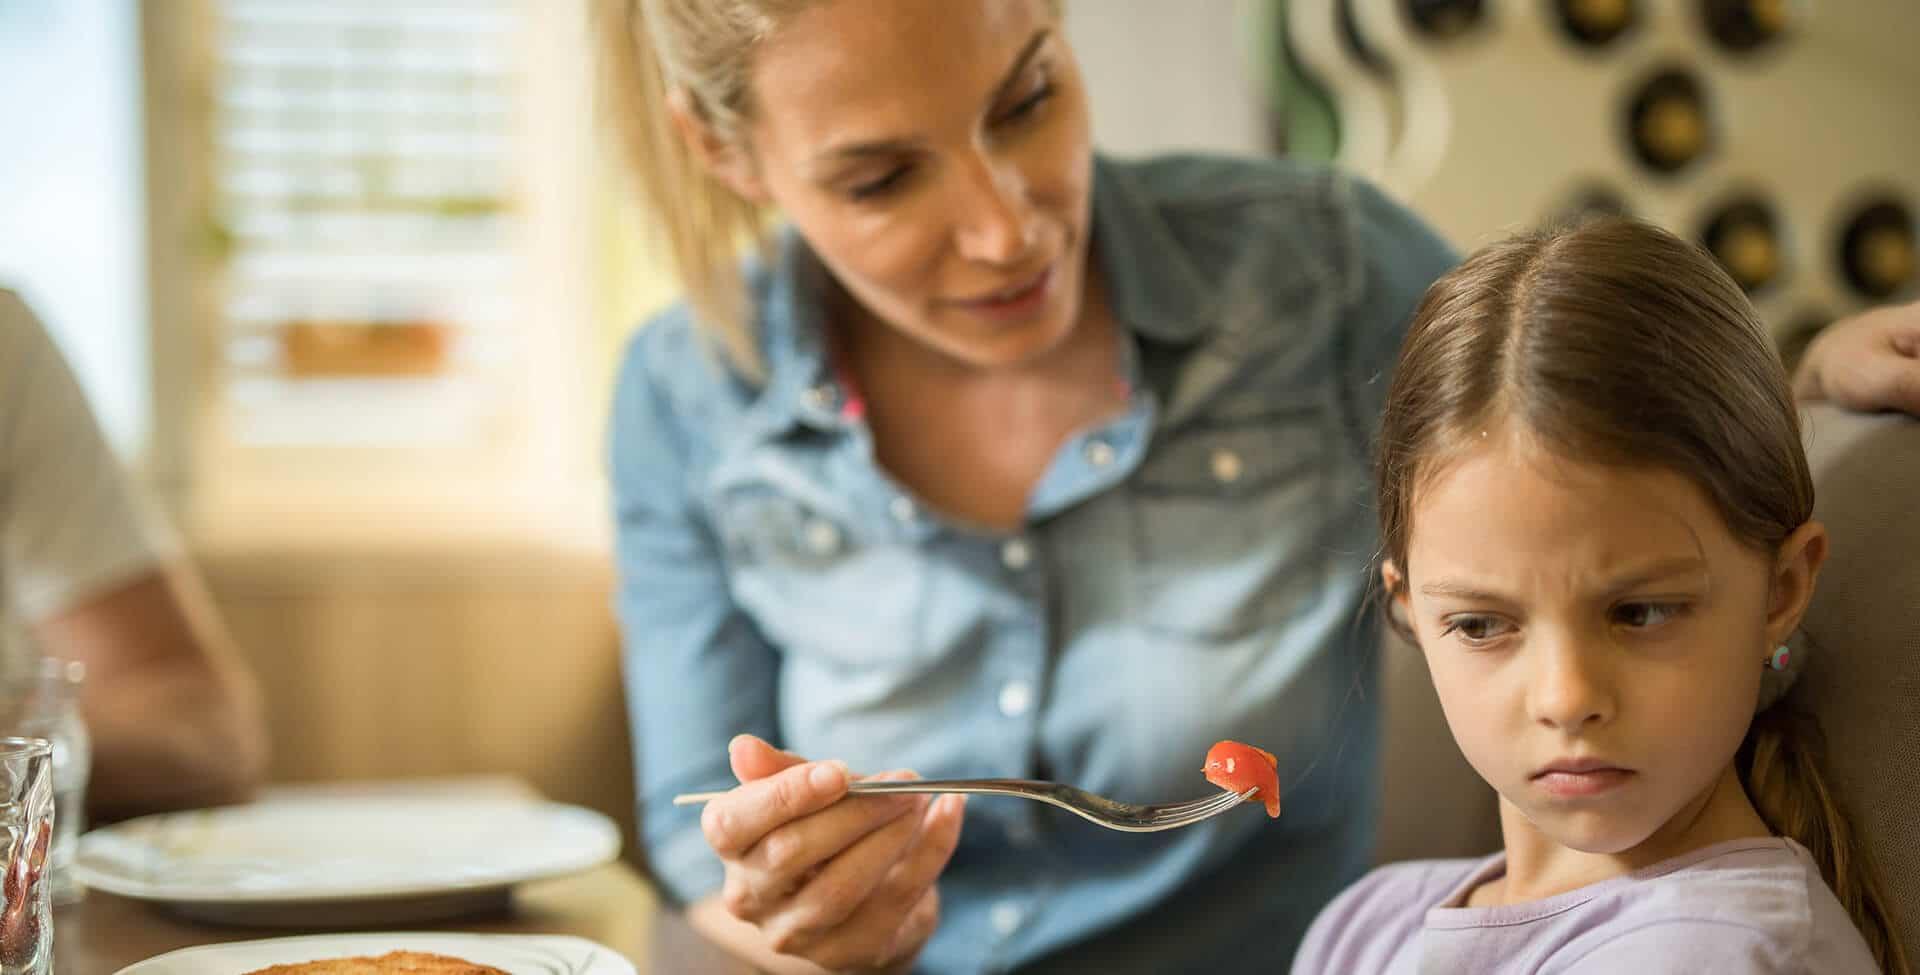 Os estudos indicam que, na maioria das vezes, o transtorno alimentar seletivo tem início na infância.